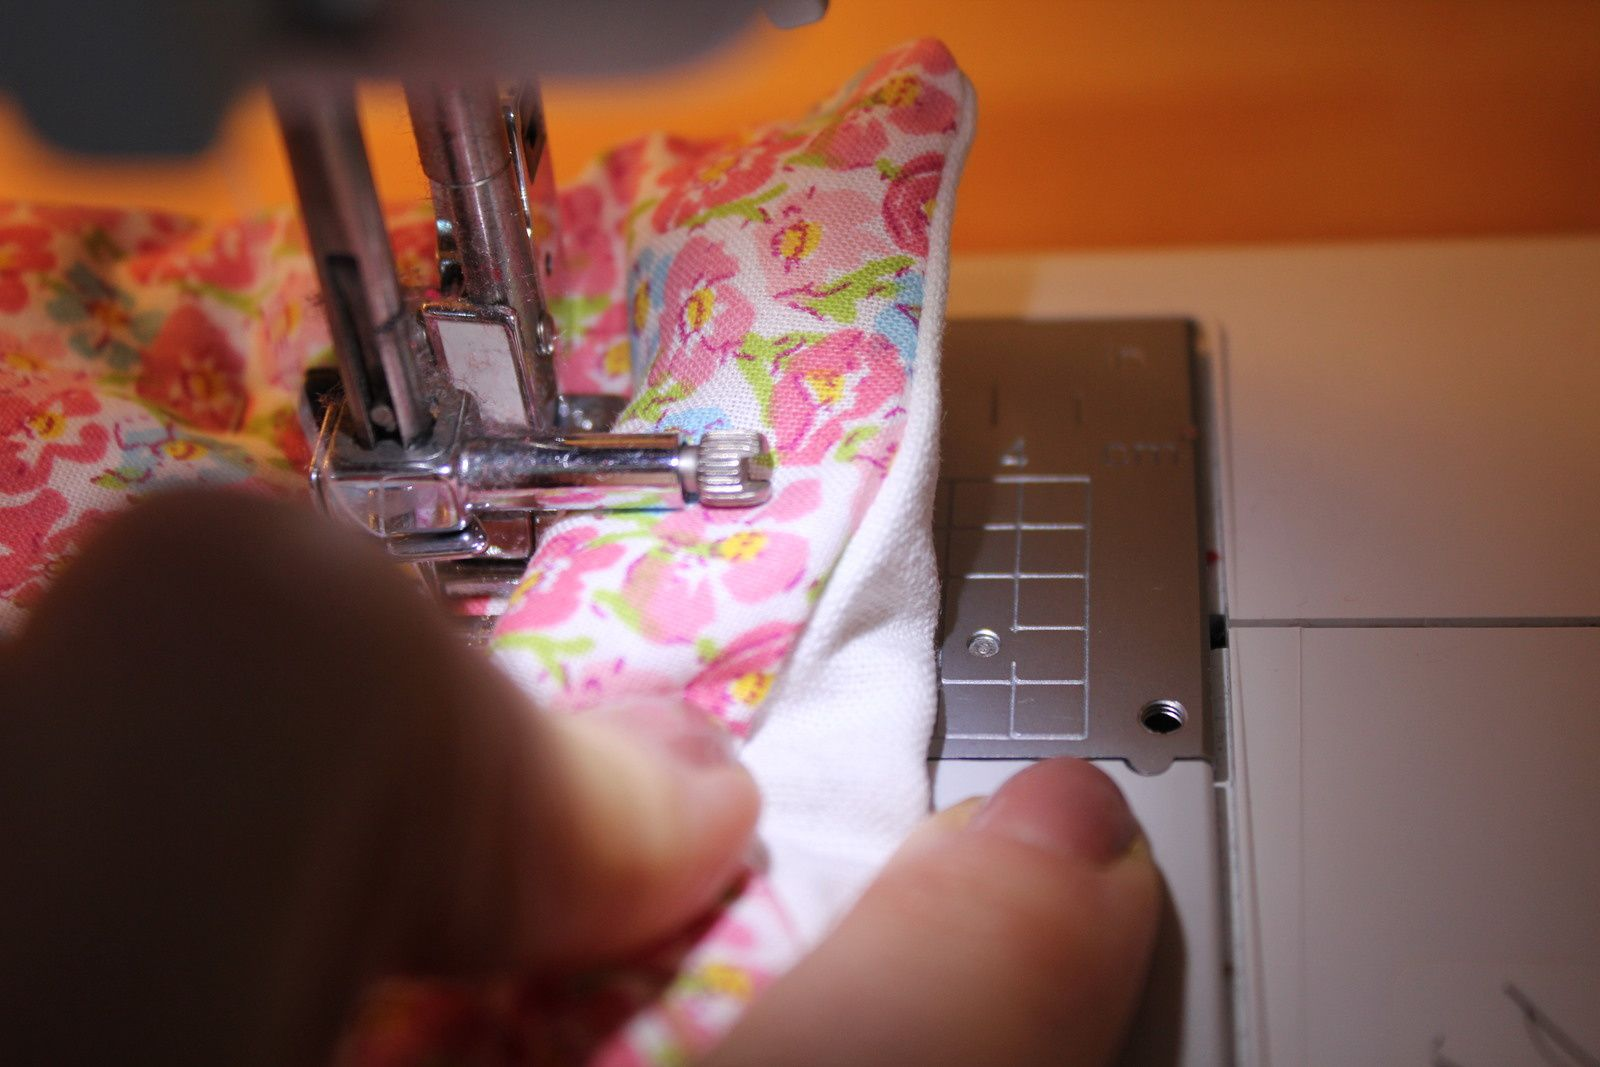 8- Faire une surpiqûre à environ 4 cm. N'hésitez pas à prendre un repère sur votre machine pour coudre bien droit.